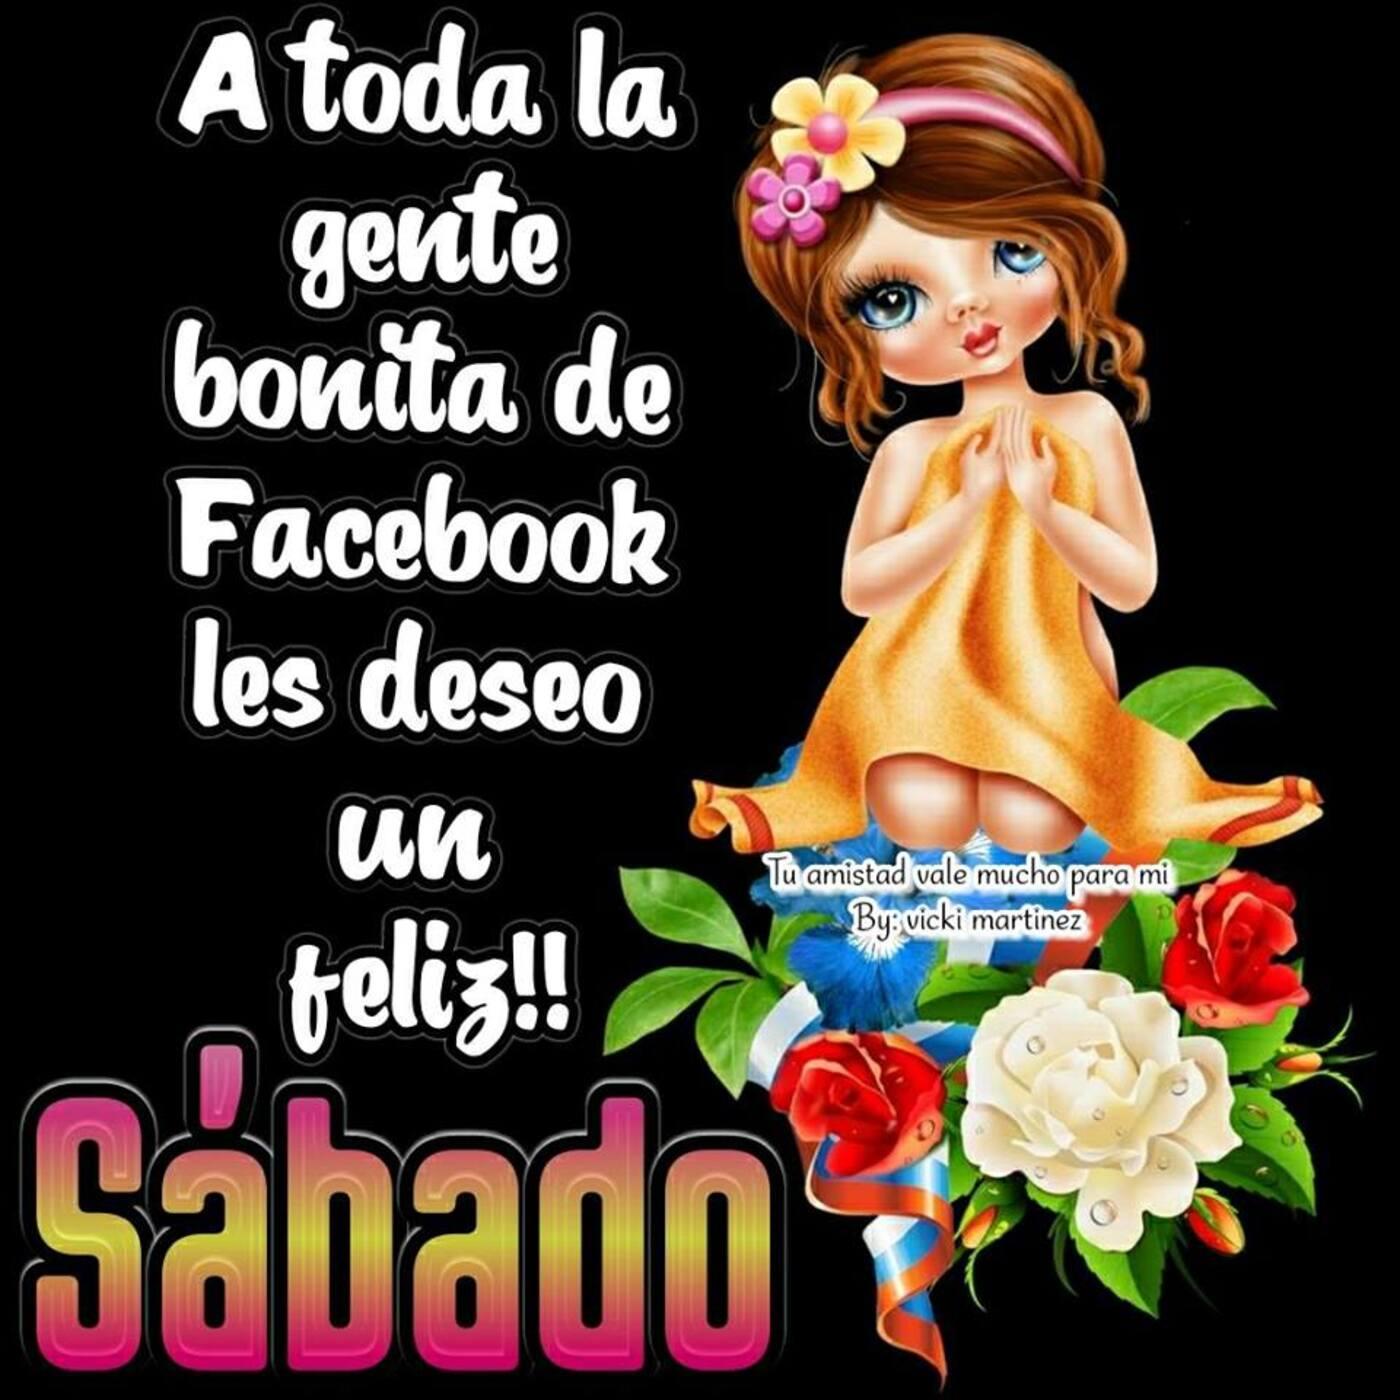 A toda la gente bonita de facebook les deseo un feliz!! sábado